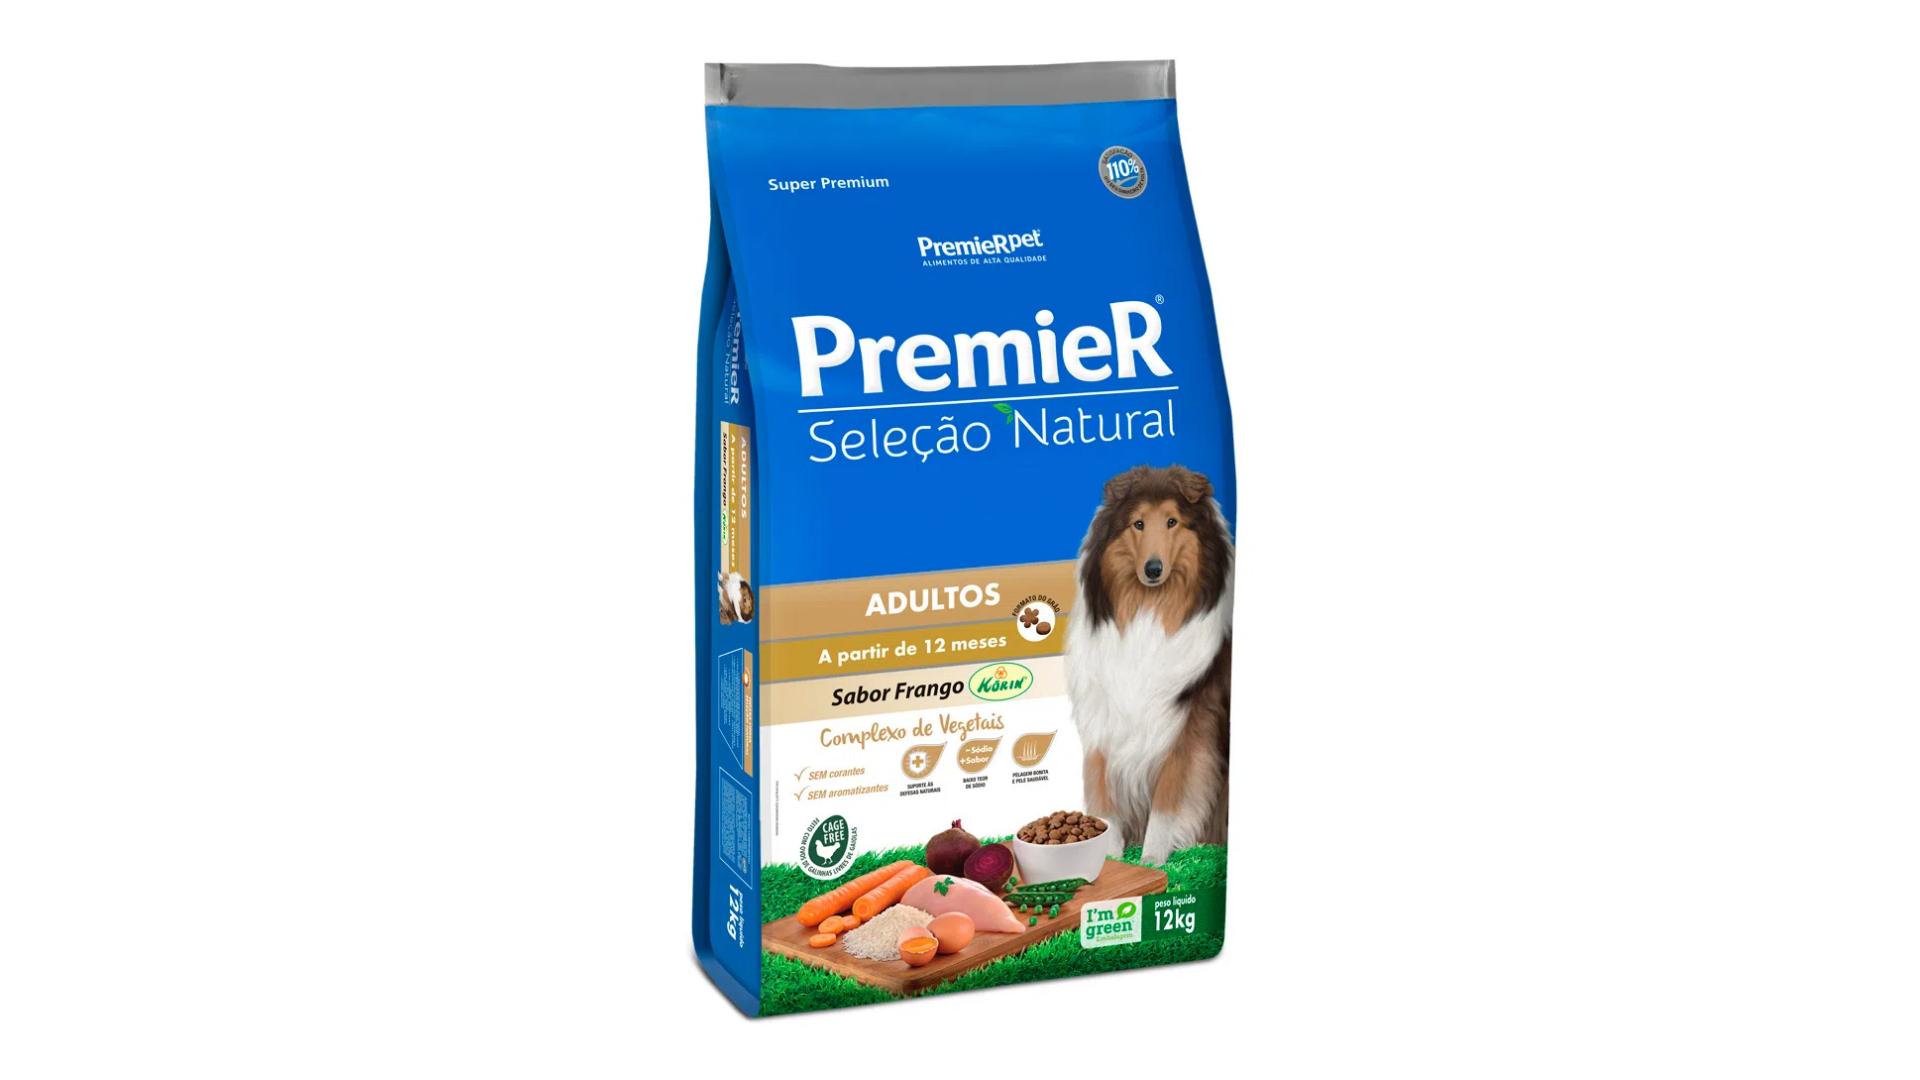 A ração PremieR Pet Seleção Natural é do tipo Super Premium (Divulgação/PremieR Pet)